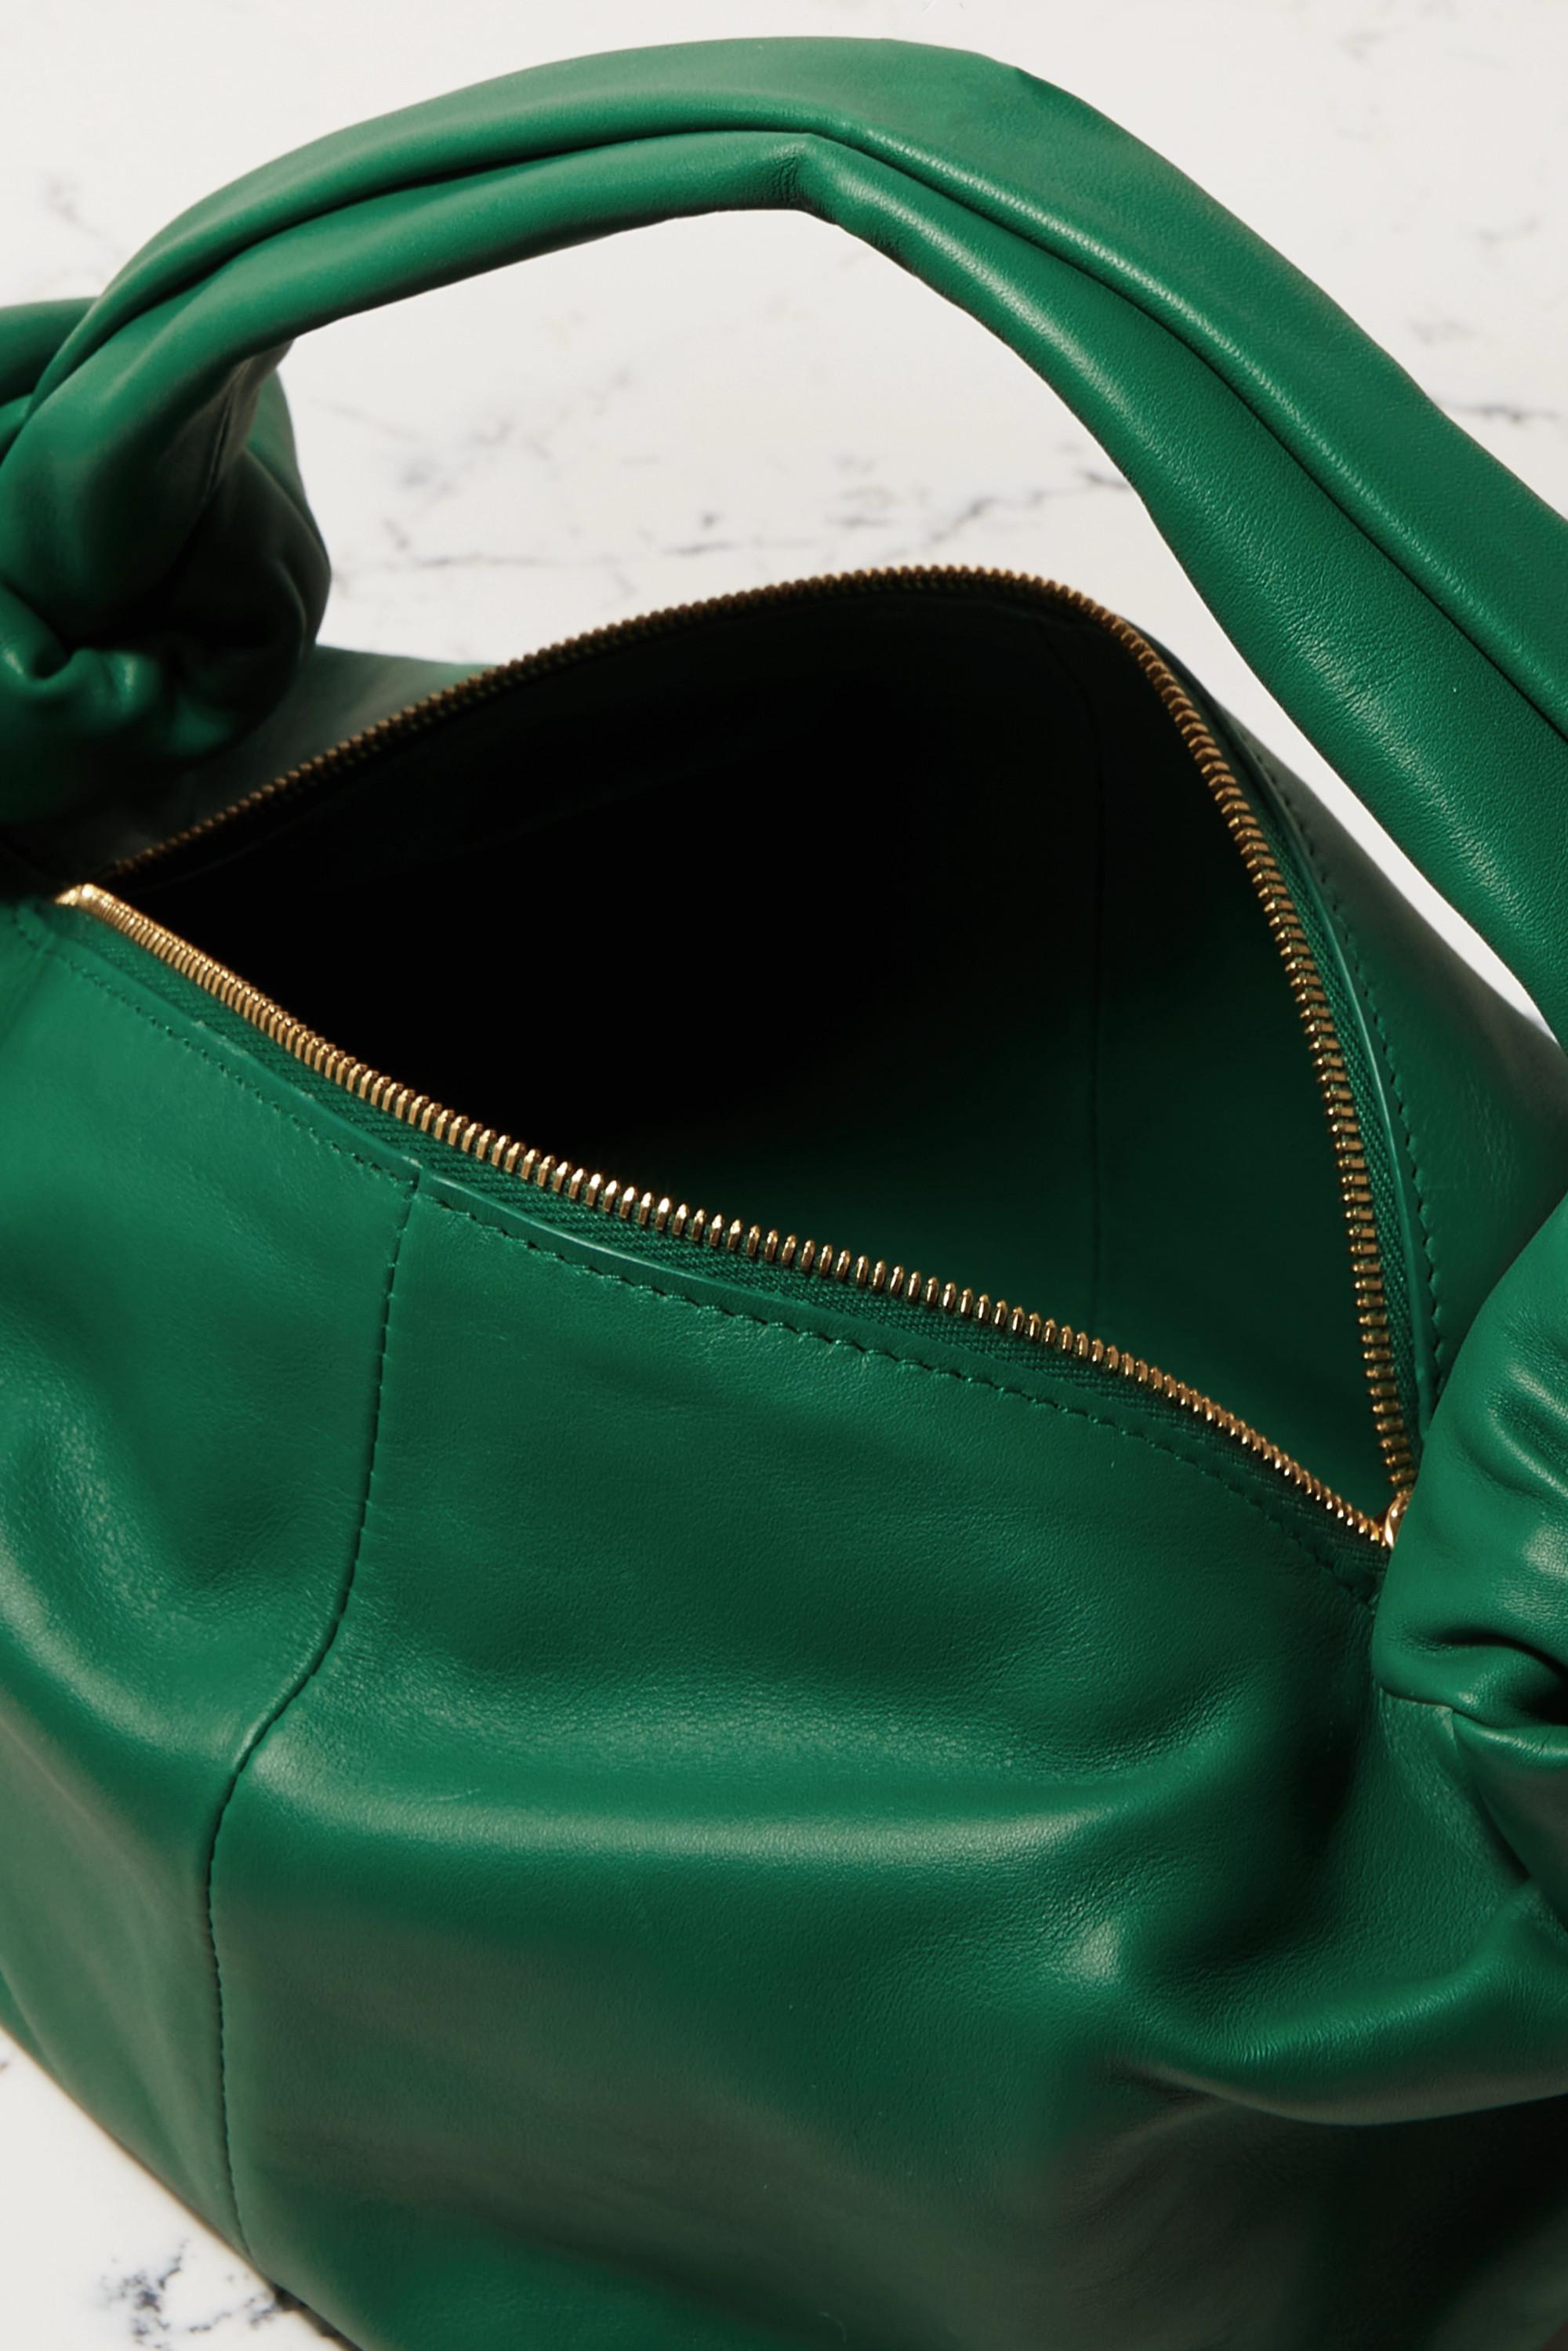 Bottega Veneta Mini knotted leather tote